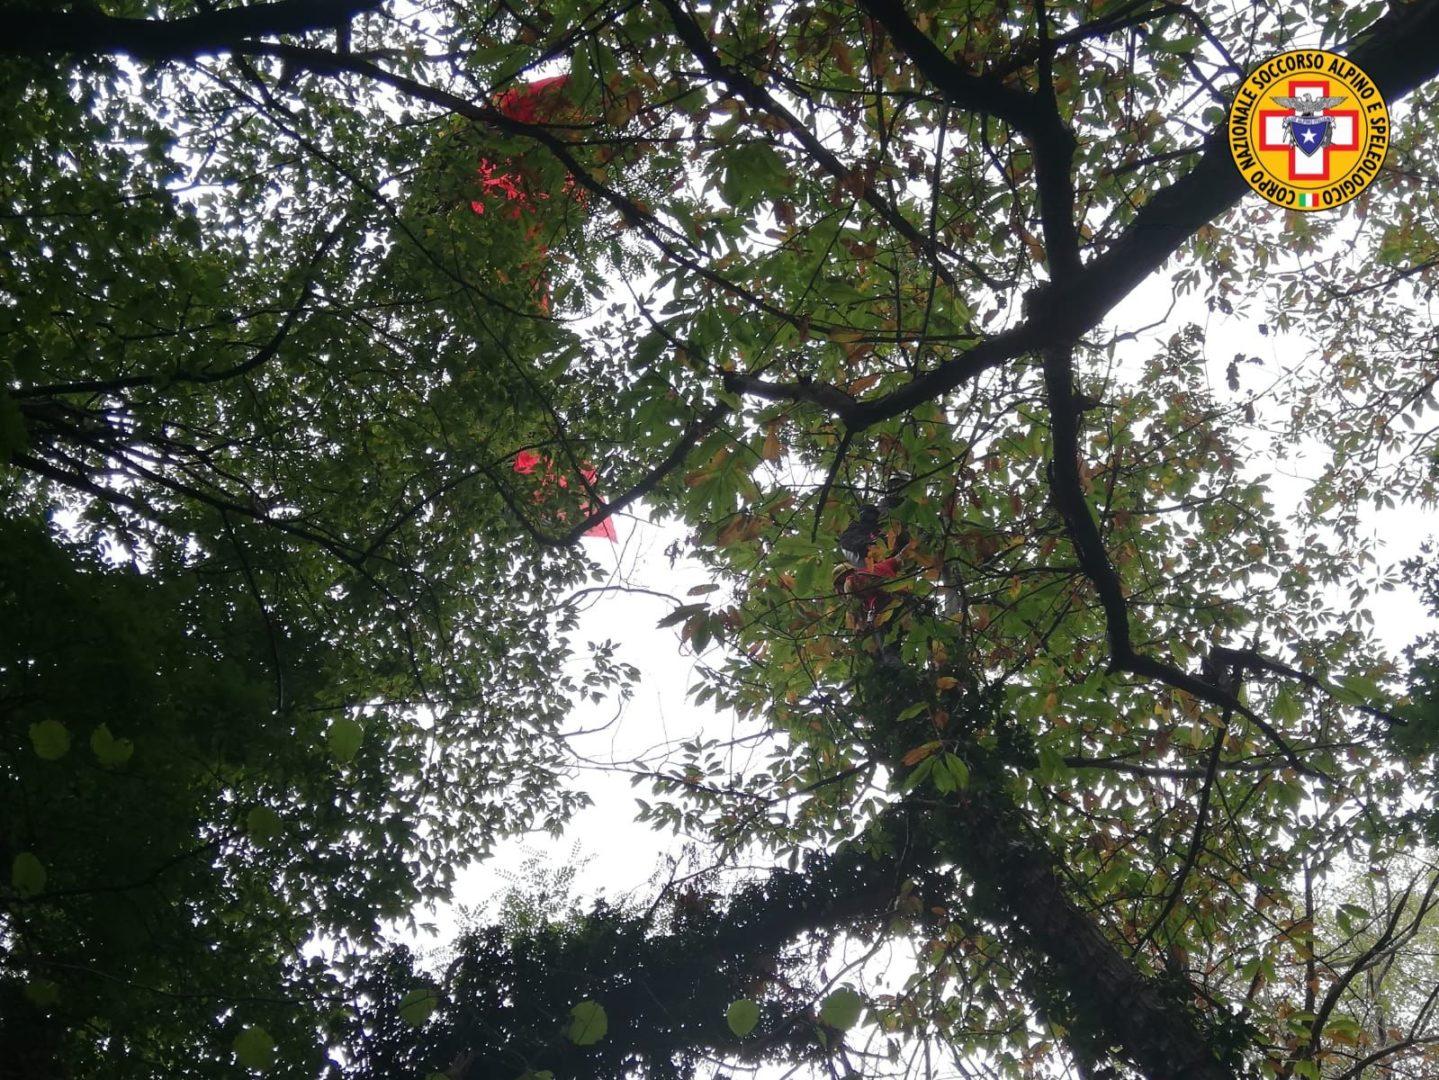 Parapendista cade e rimane sospesa su albero a 12 metri di altezza